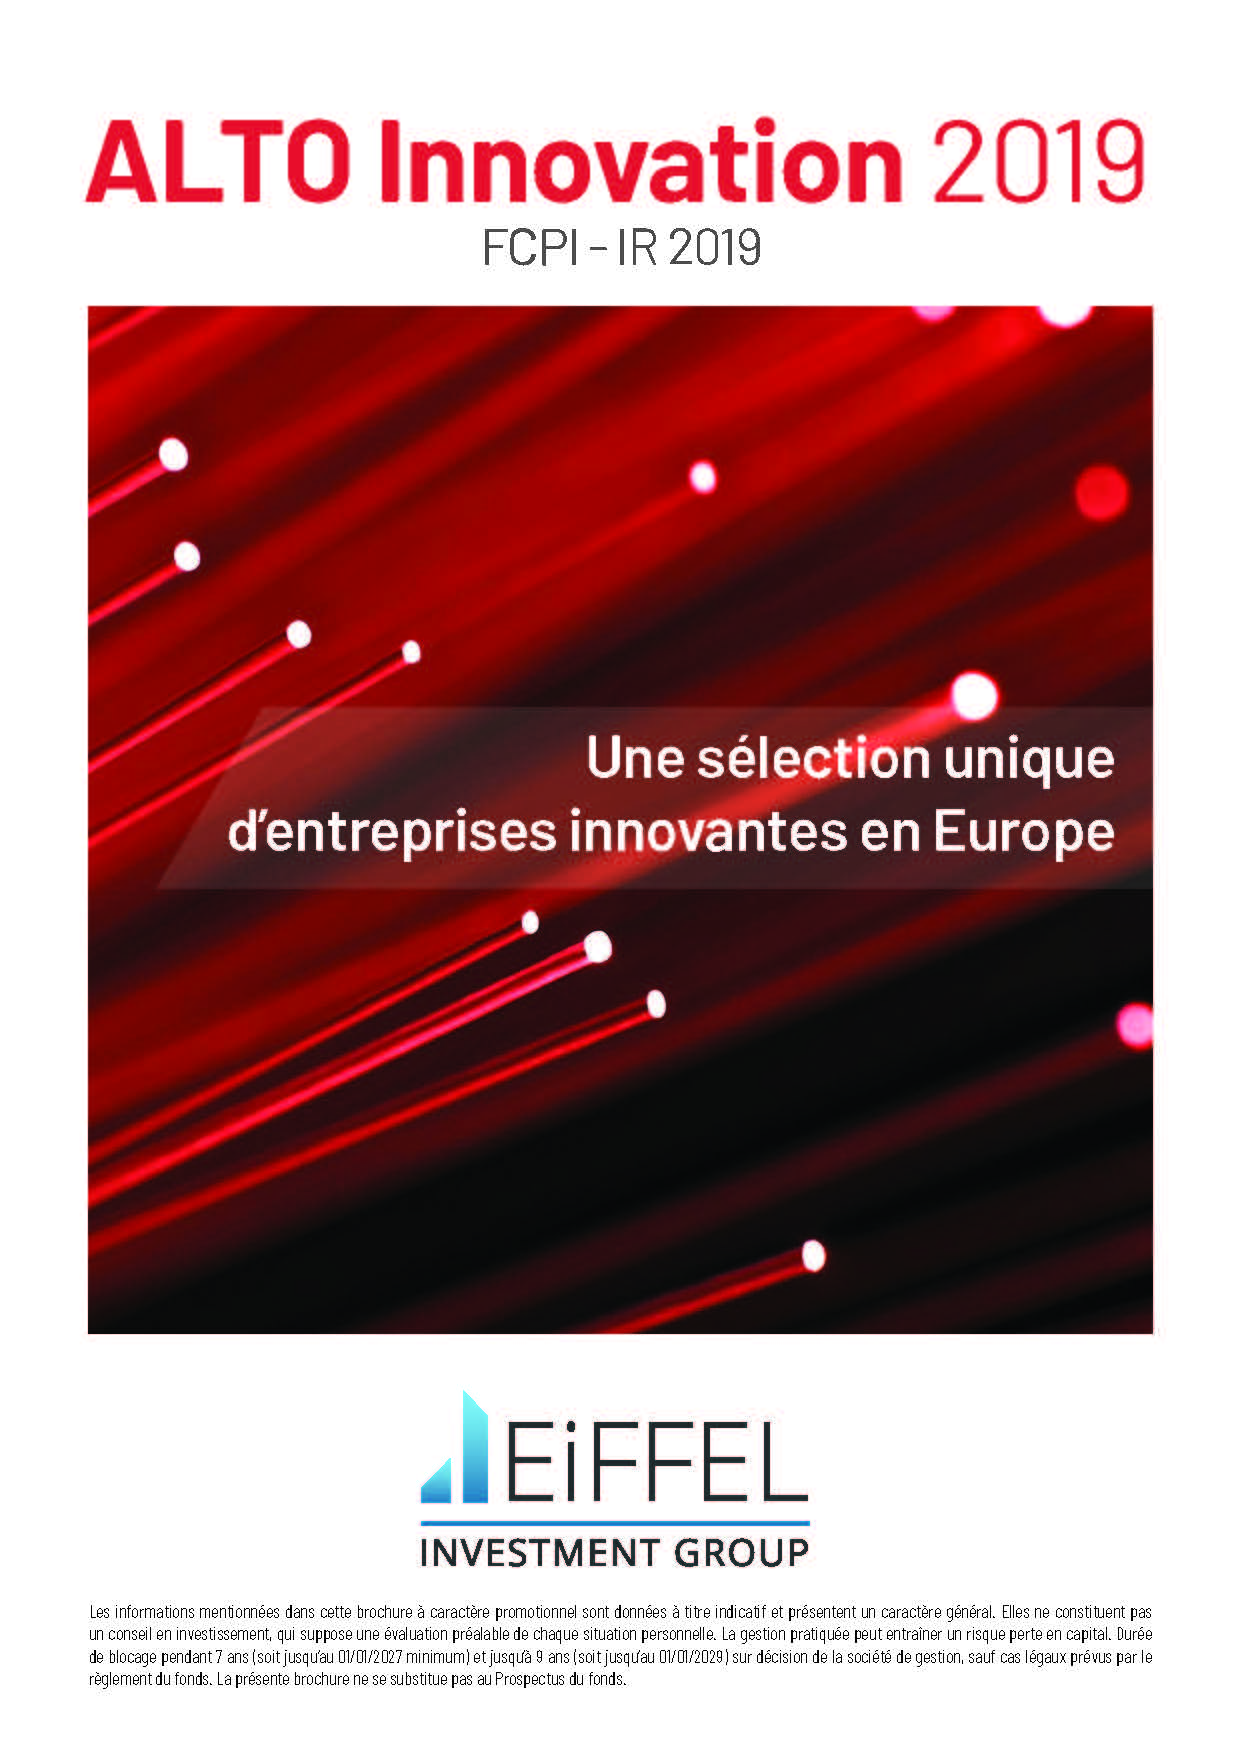 FCPI ALTO Innovation 2019